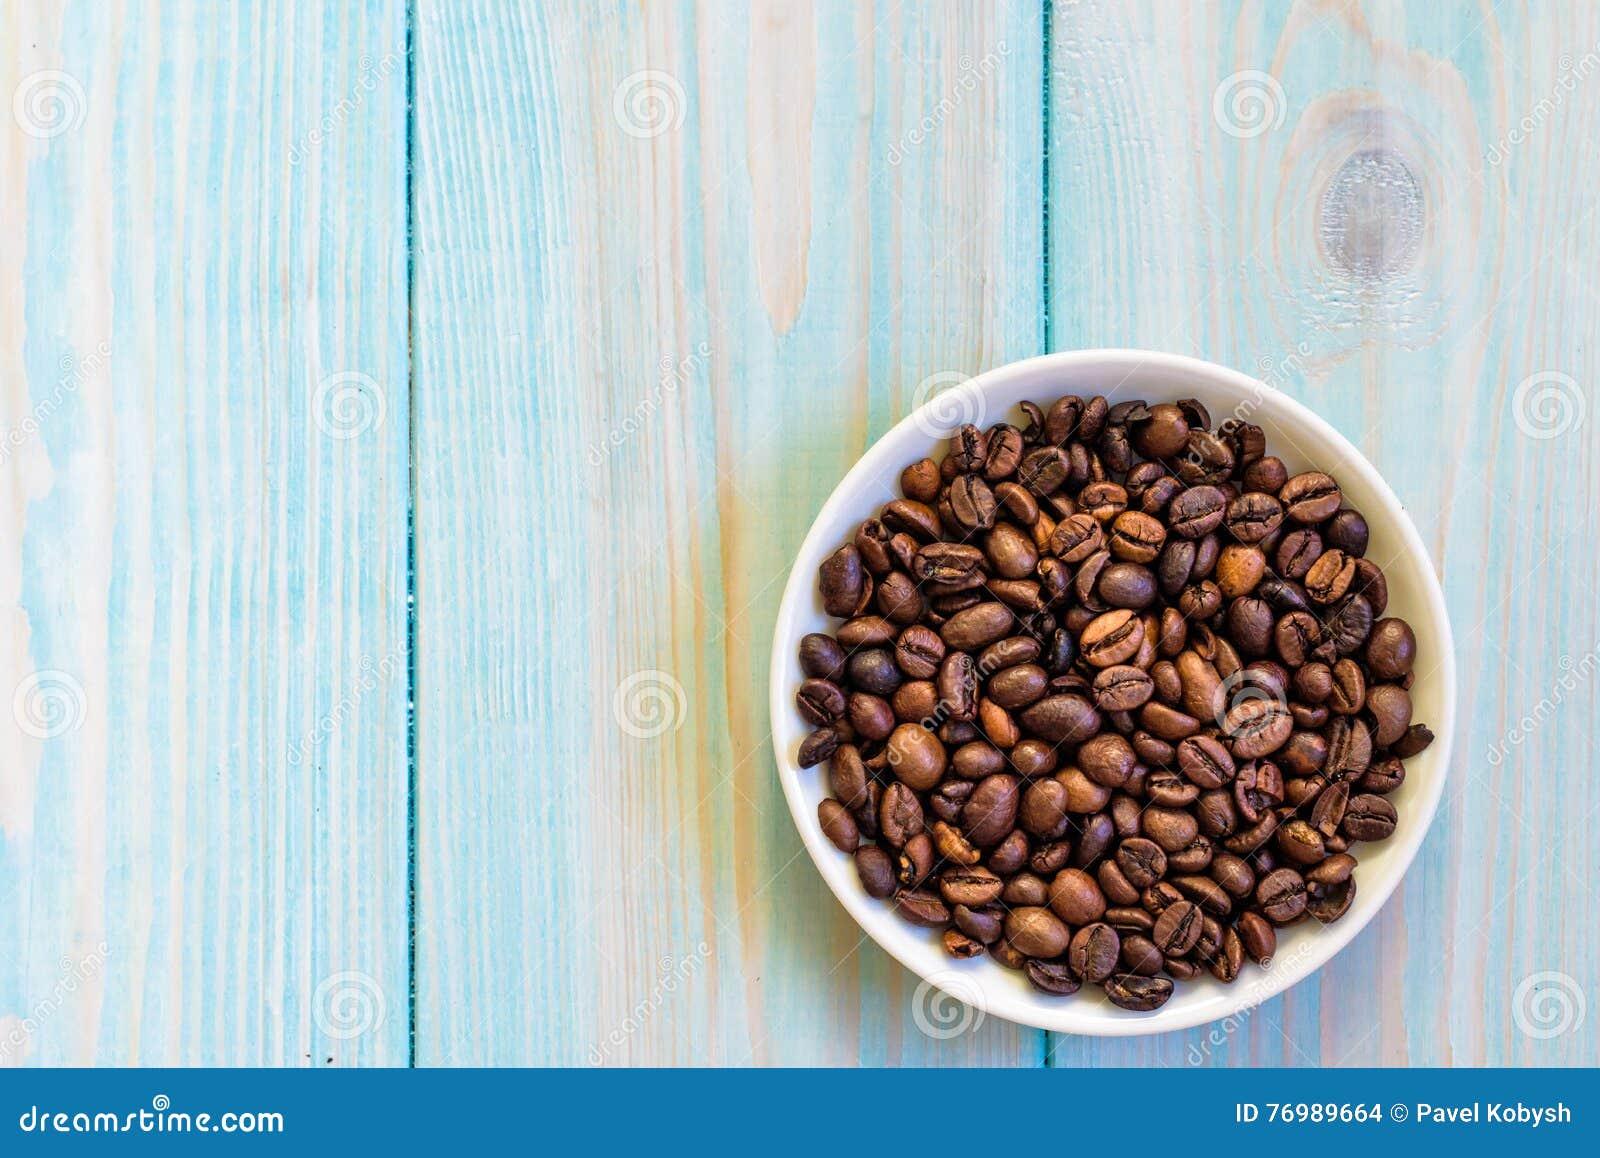 Φασόλια καφέ στο πιάτο Επίπεδος βάλτε στο αγροτικό ανοικτό μπλε ξύλινο υπόβαθρο